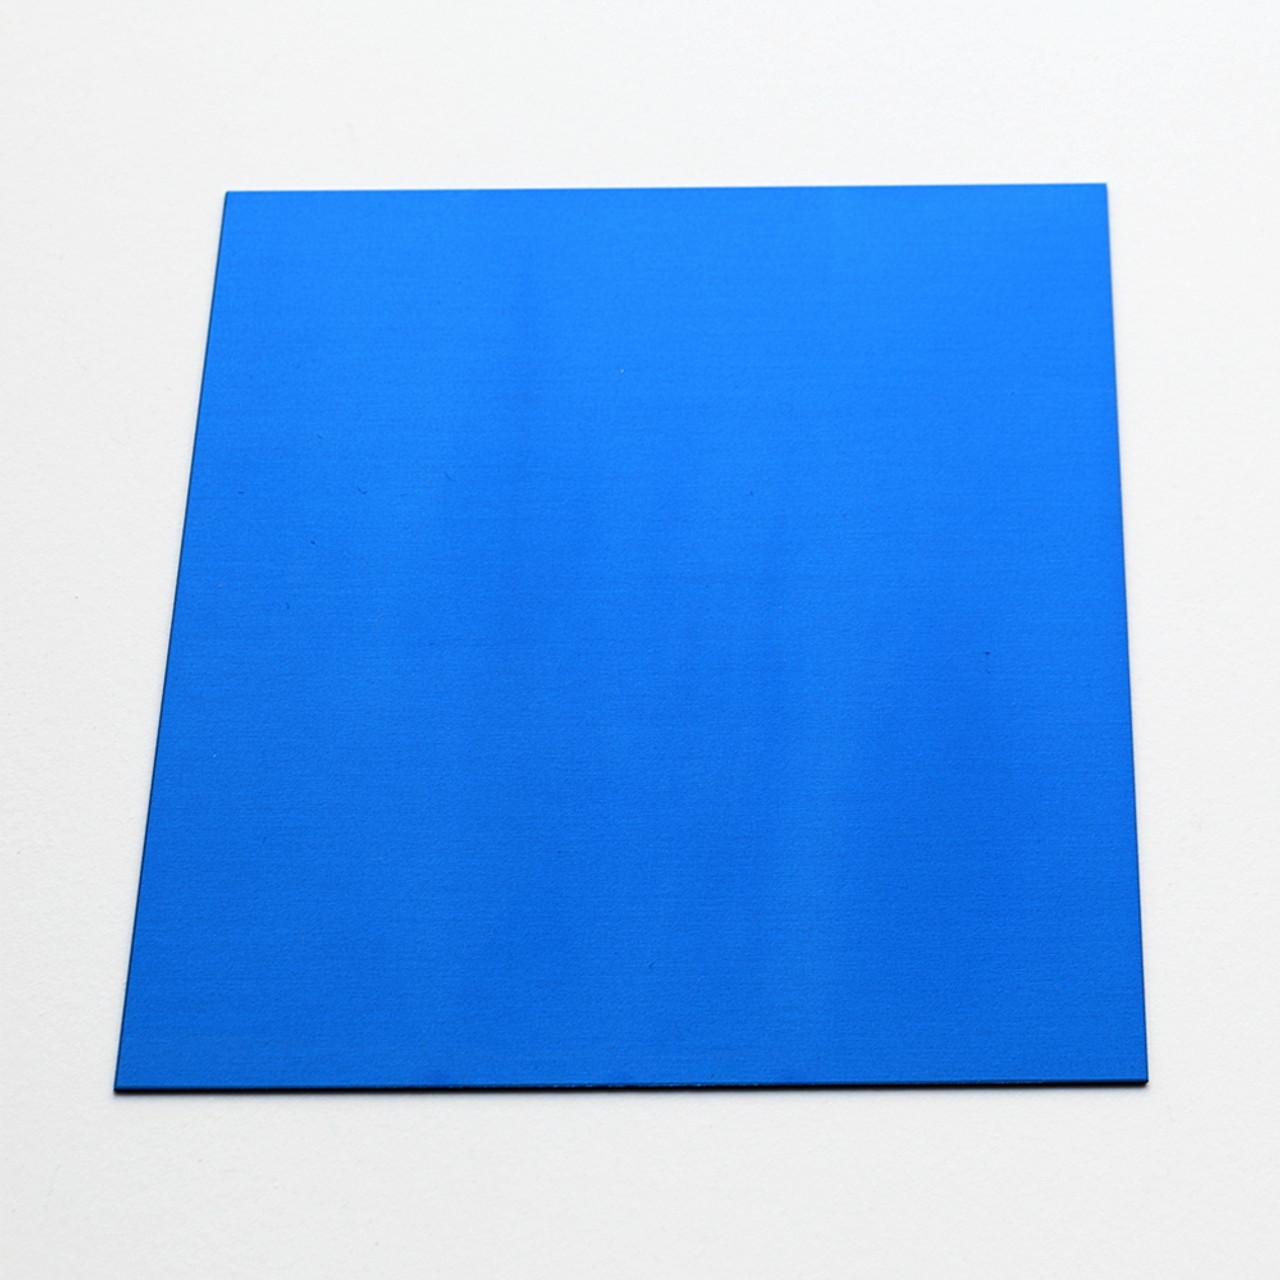 Blue anodised aluminium square